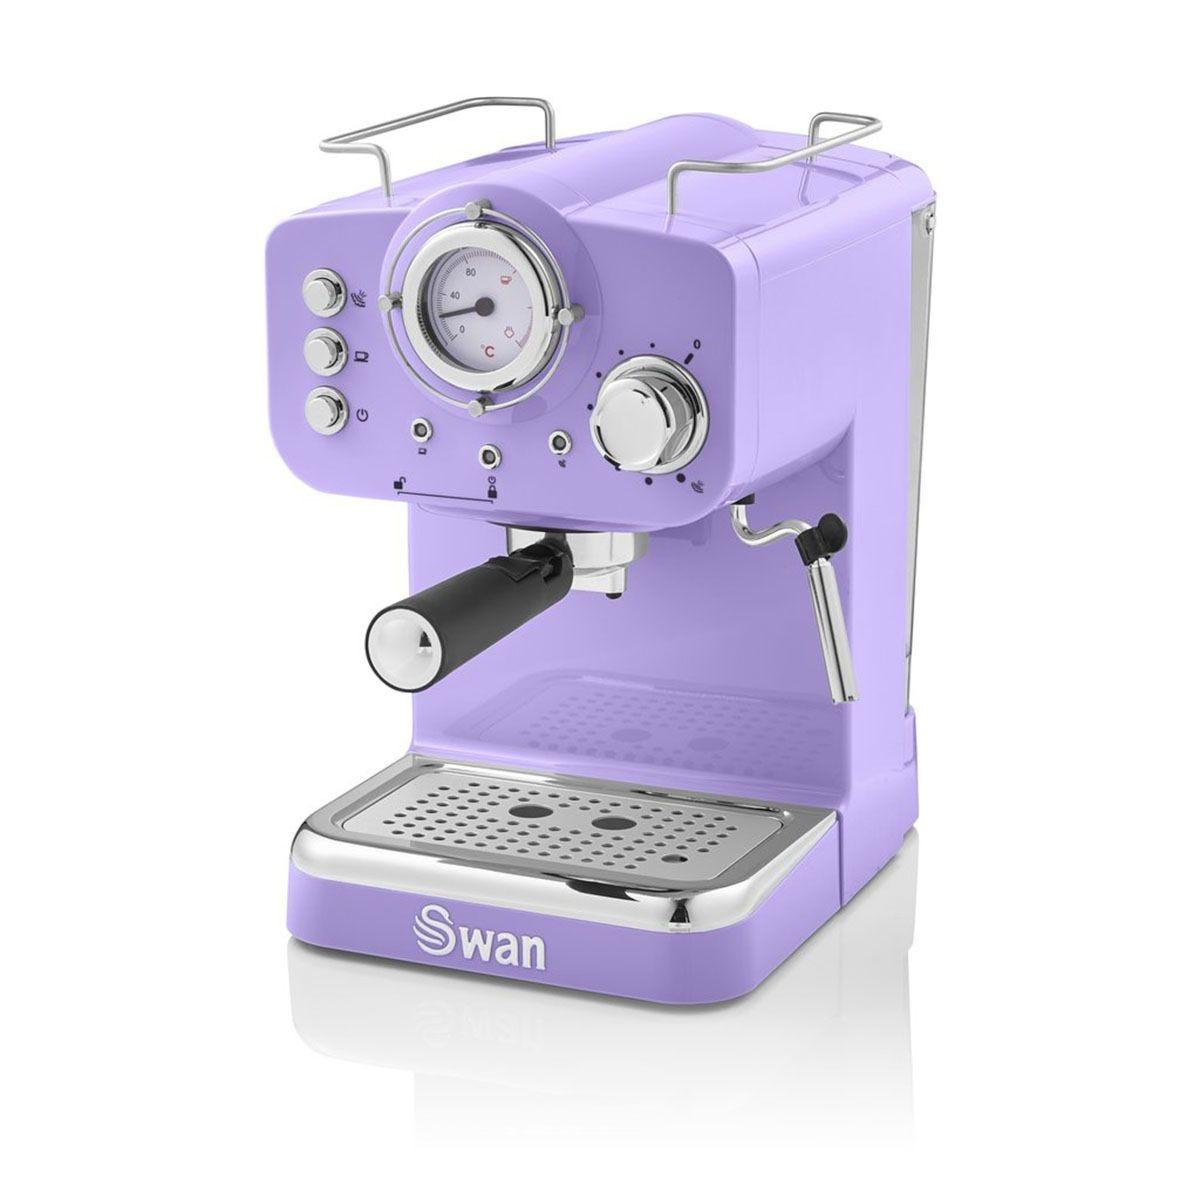 Swan SK22110PURN Pump Espresso Coffee Machine - Purple